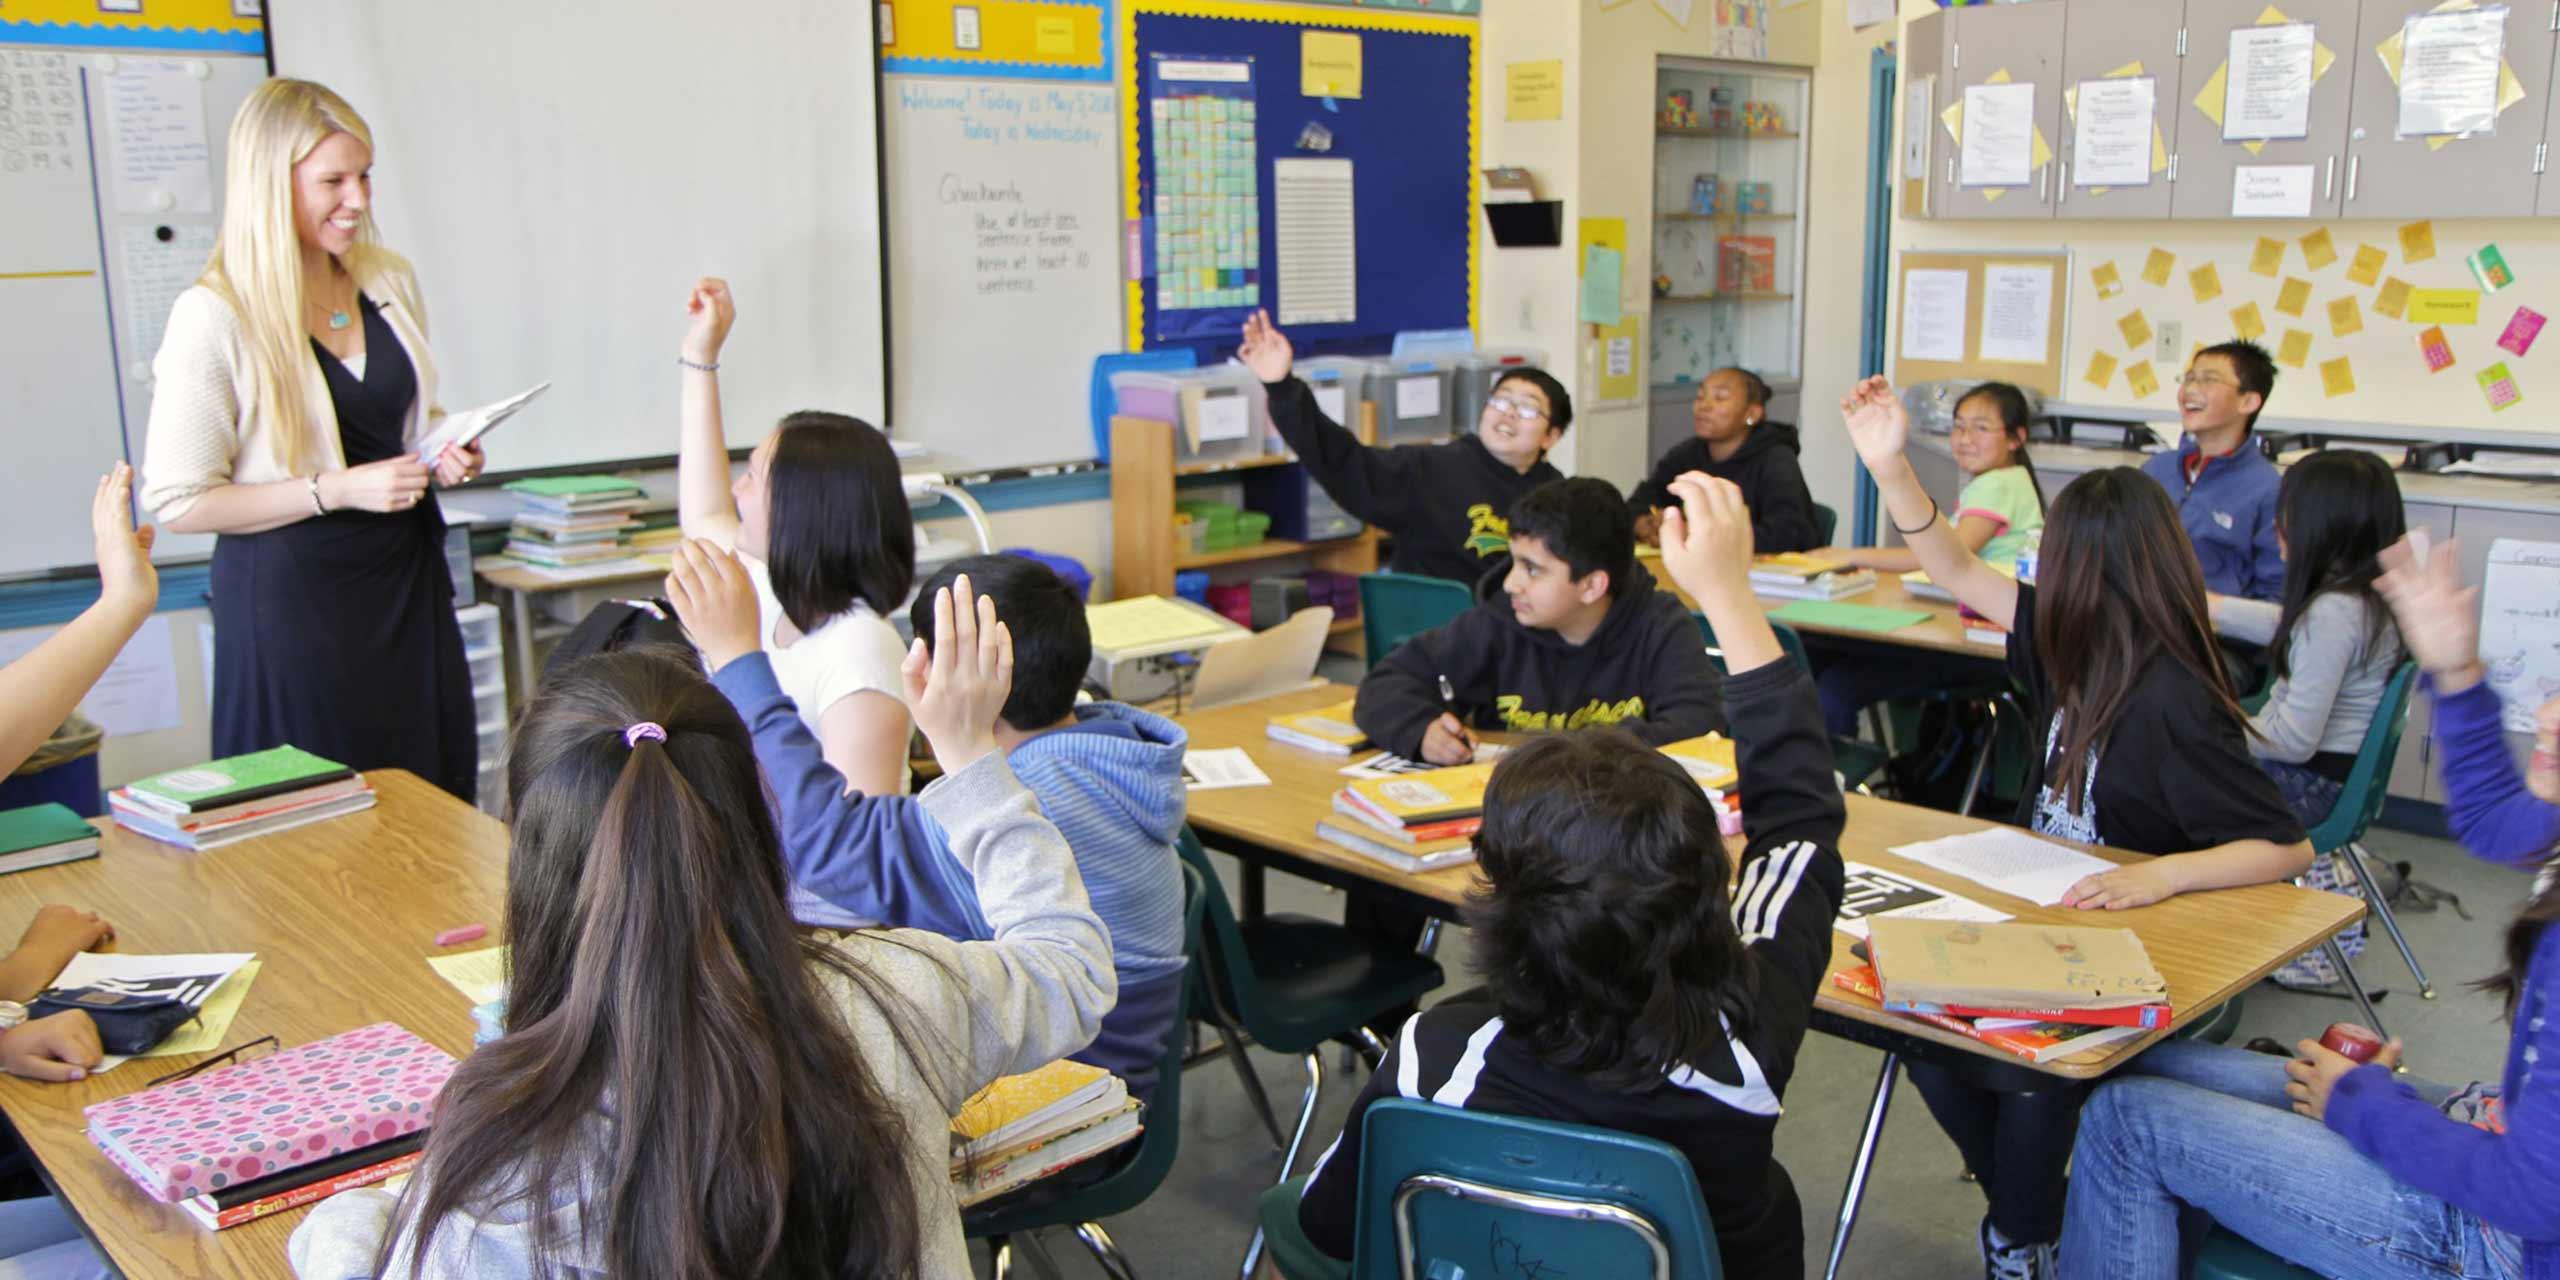 http://s12982.pcdn.co/wp-content/uploads/2014/02/new-teacher-center-sl4.jpg